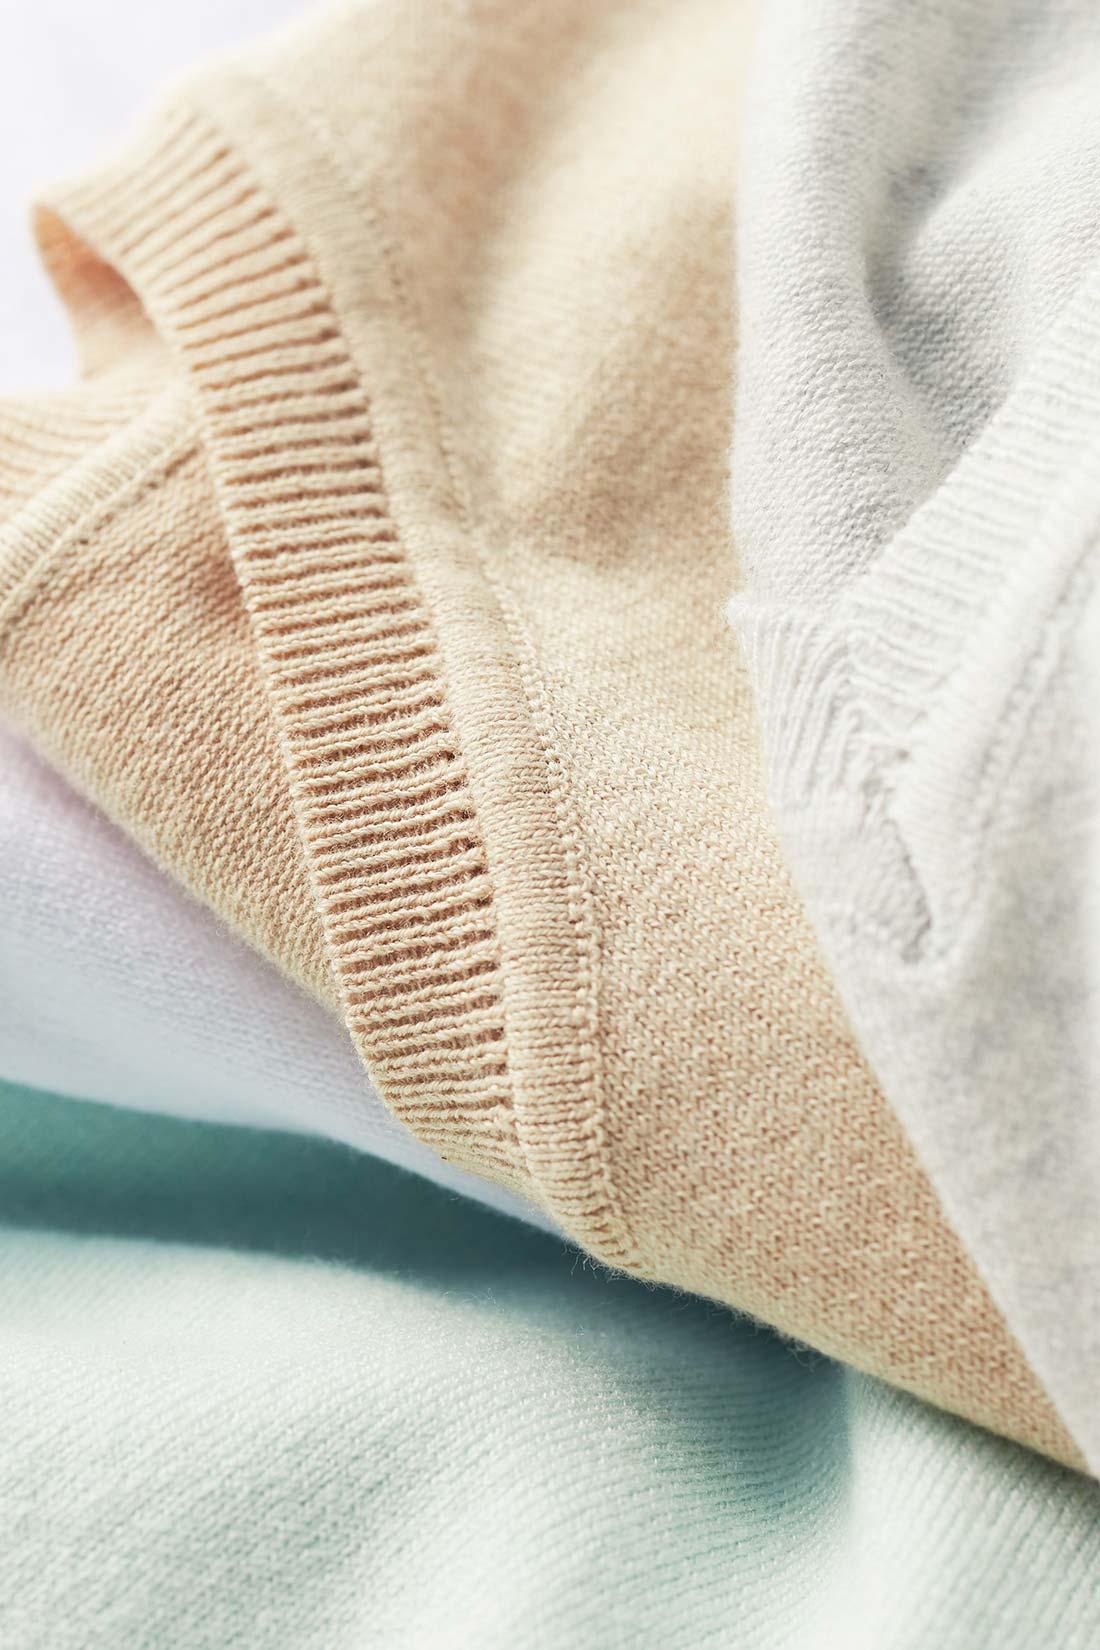 滑らかで肌ざわり抜群のシルク混素材を使用。さらに「二重臼(うす)」という目の詰まった編み地で、繊細ながらもっちりとしたぜいたくな質感が楽しめます。